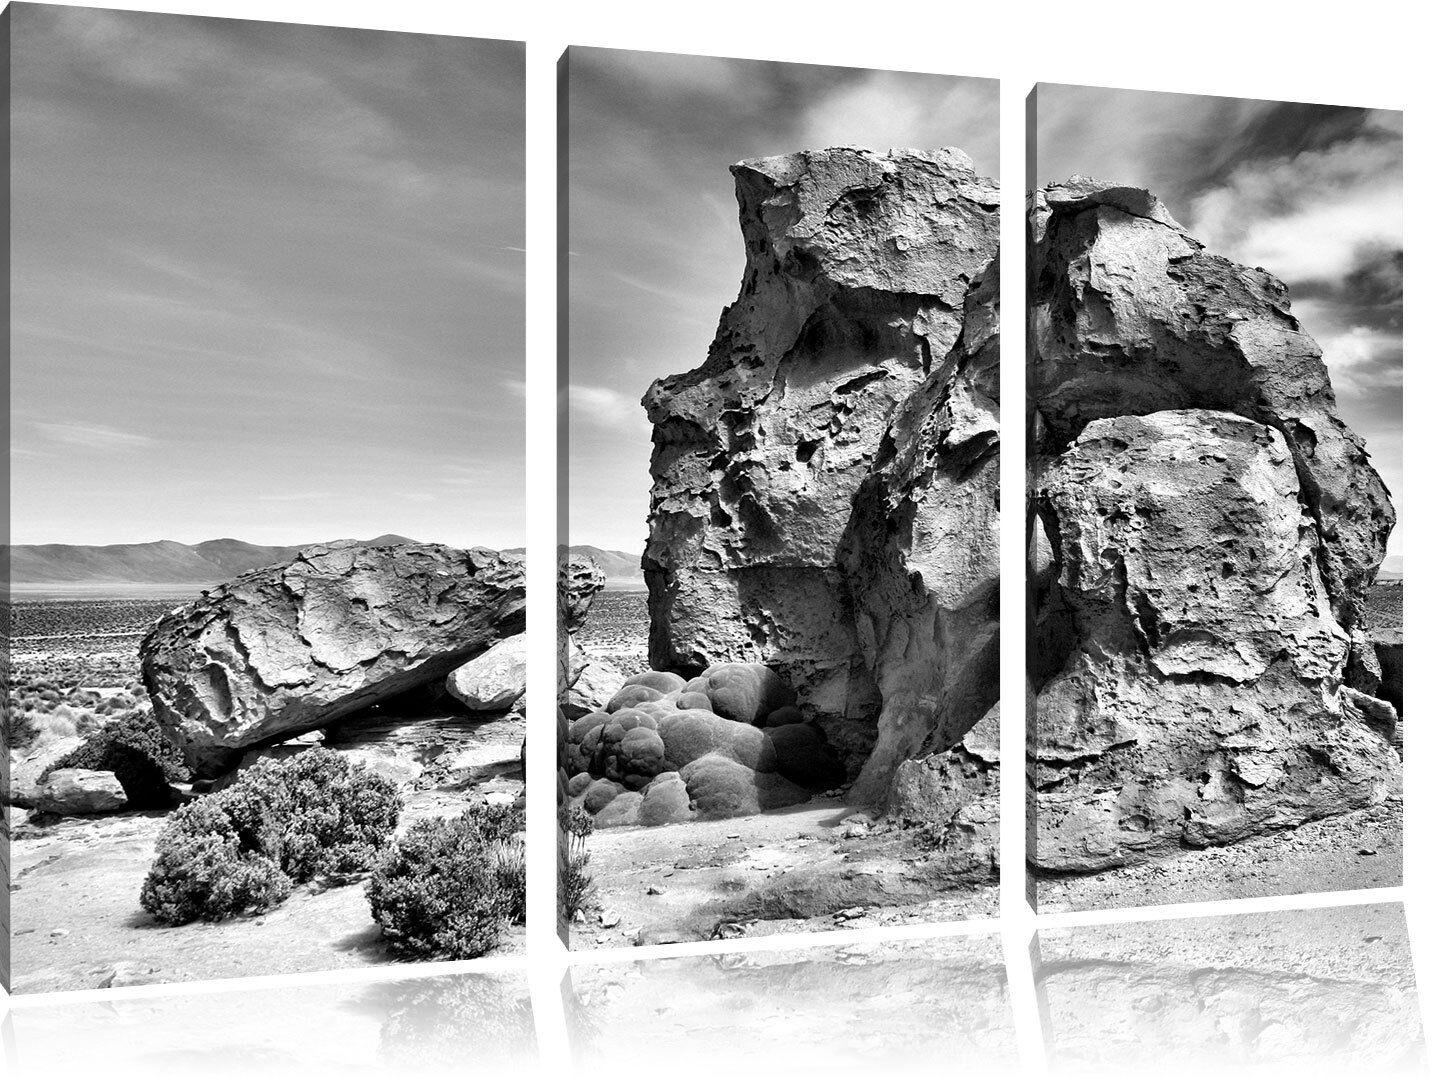 Masso in deserto 3-Divisorio Tela Decorazione stampa stampa stampa d'arte c02c88